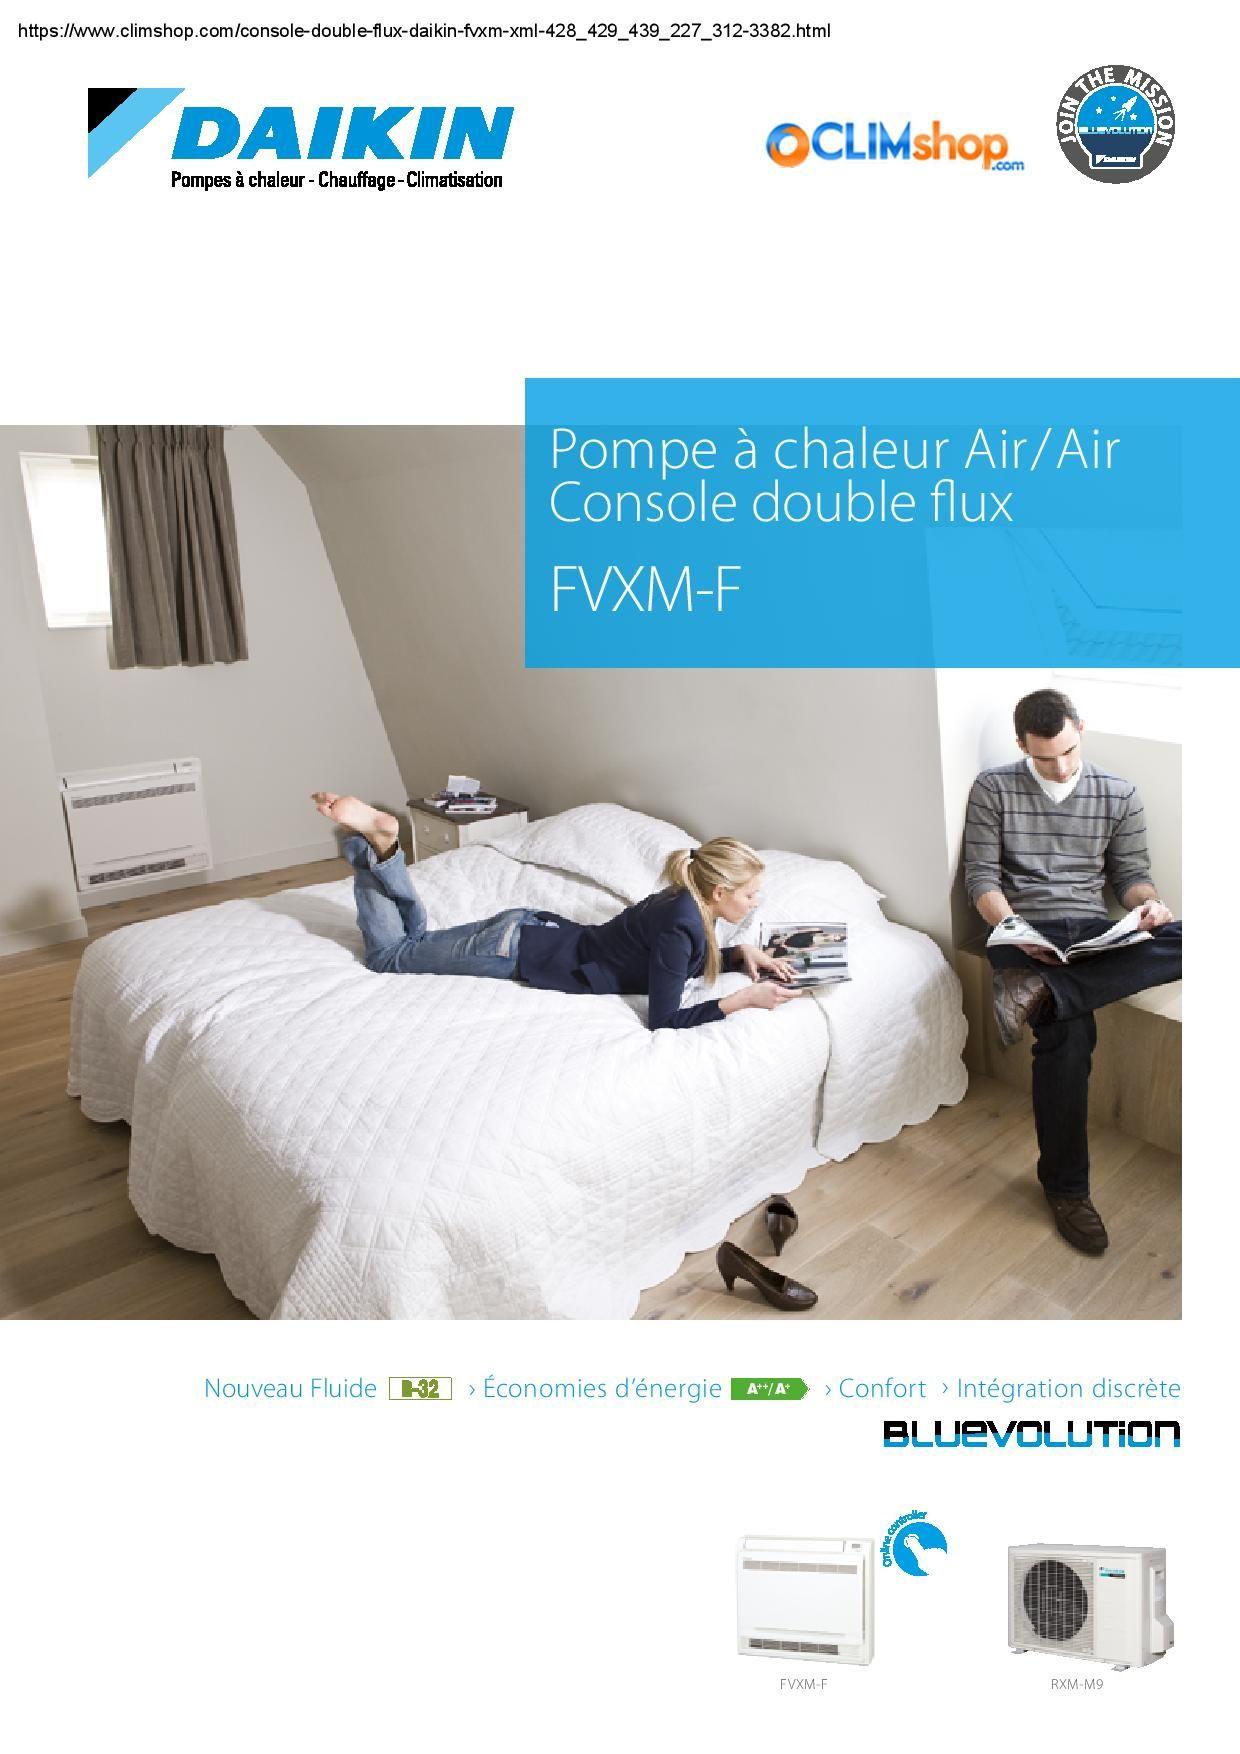 Documentation Console Double Flux Daikin R32 Fvxm25f Fvxm35f Fvxm50f Economies D Energie Pompe A Chaleur Chauffage Climatisation